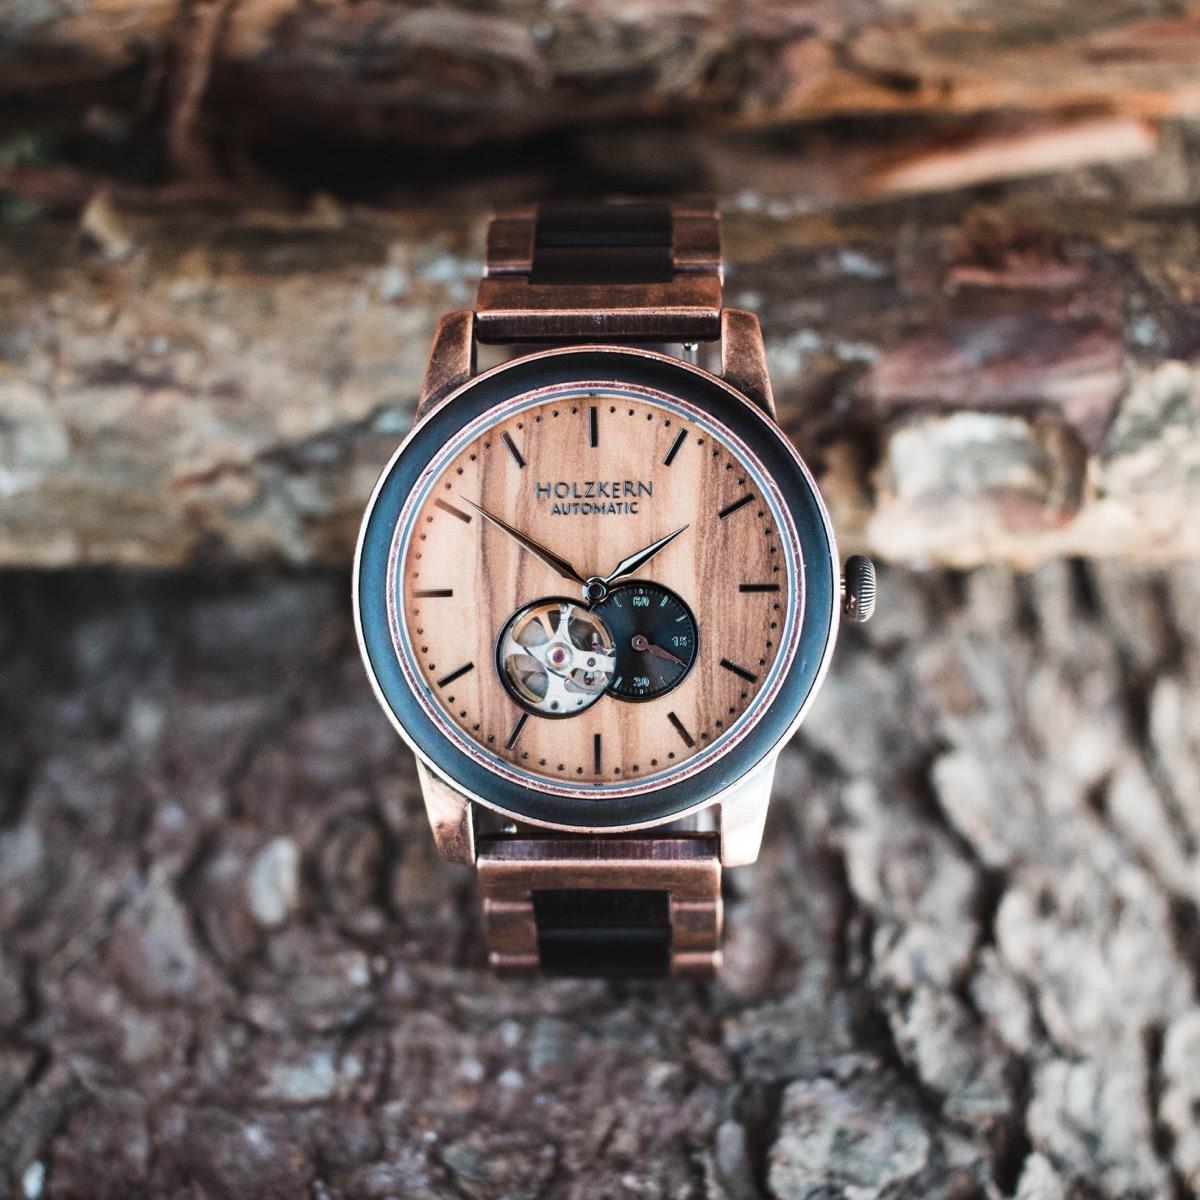 Kupferfarbener Edelstahl und natürliche Materialien machen die Holzuhr Rio zu einem besonderen Exemplar von Holzkern